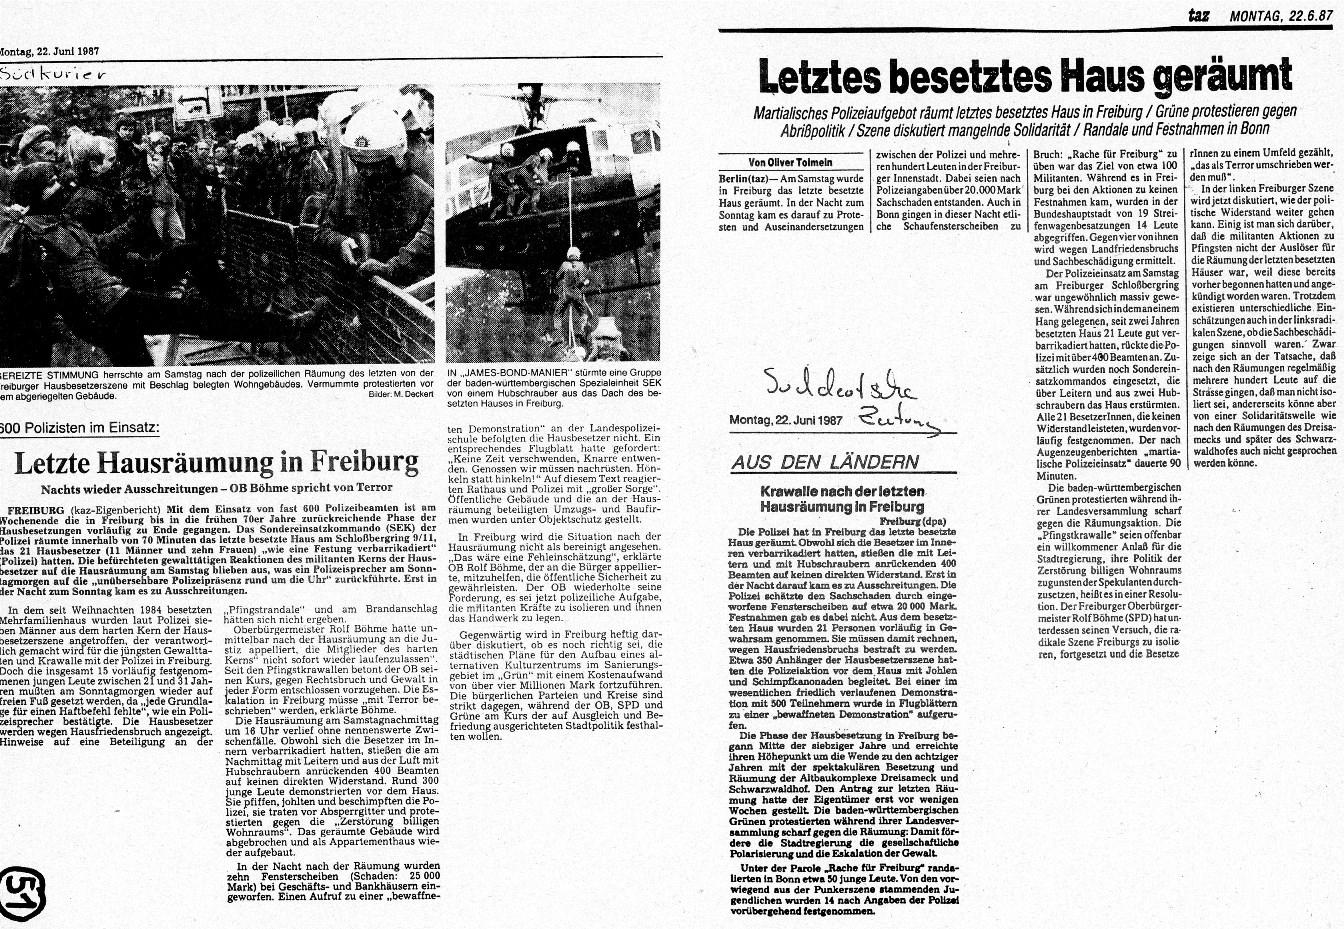 Freiburg_Hausbesetzung_03_Willi_und_andere_51